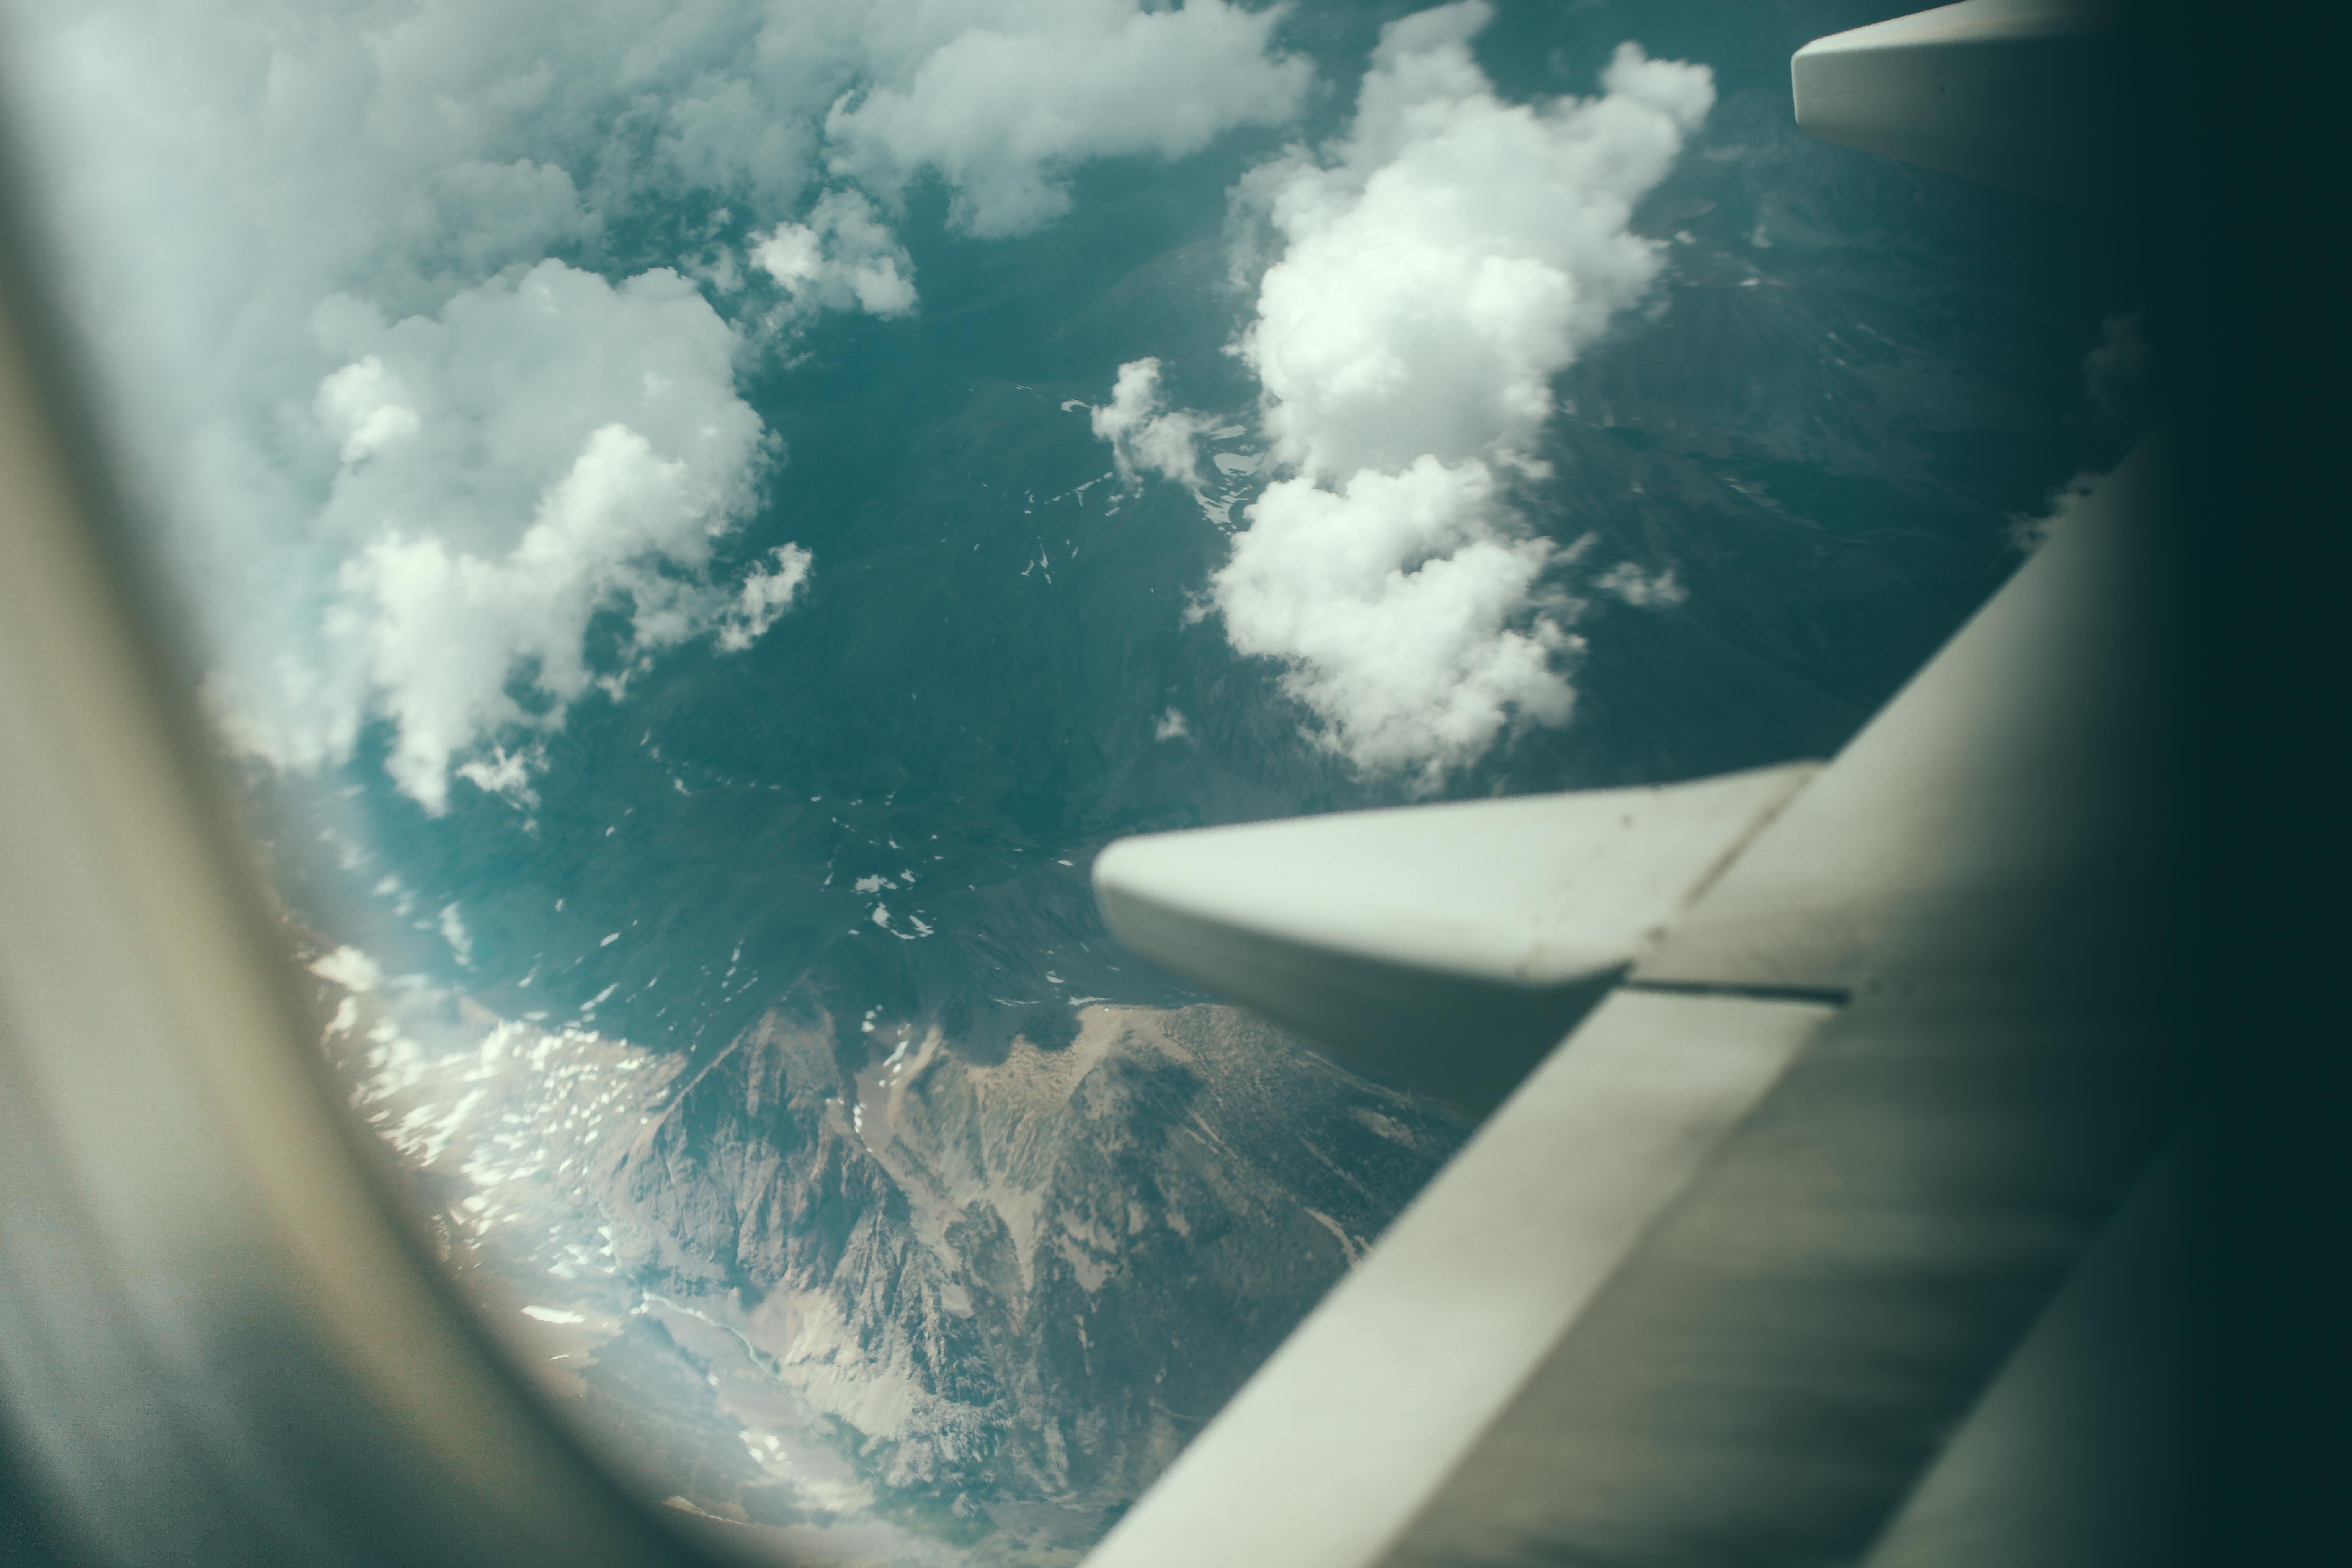 Apie maistą lėktuvuose